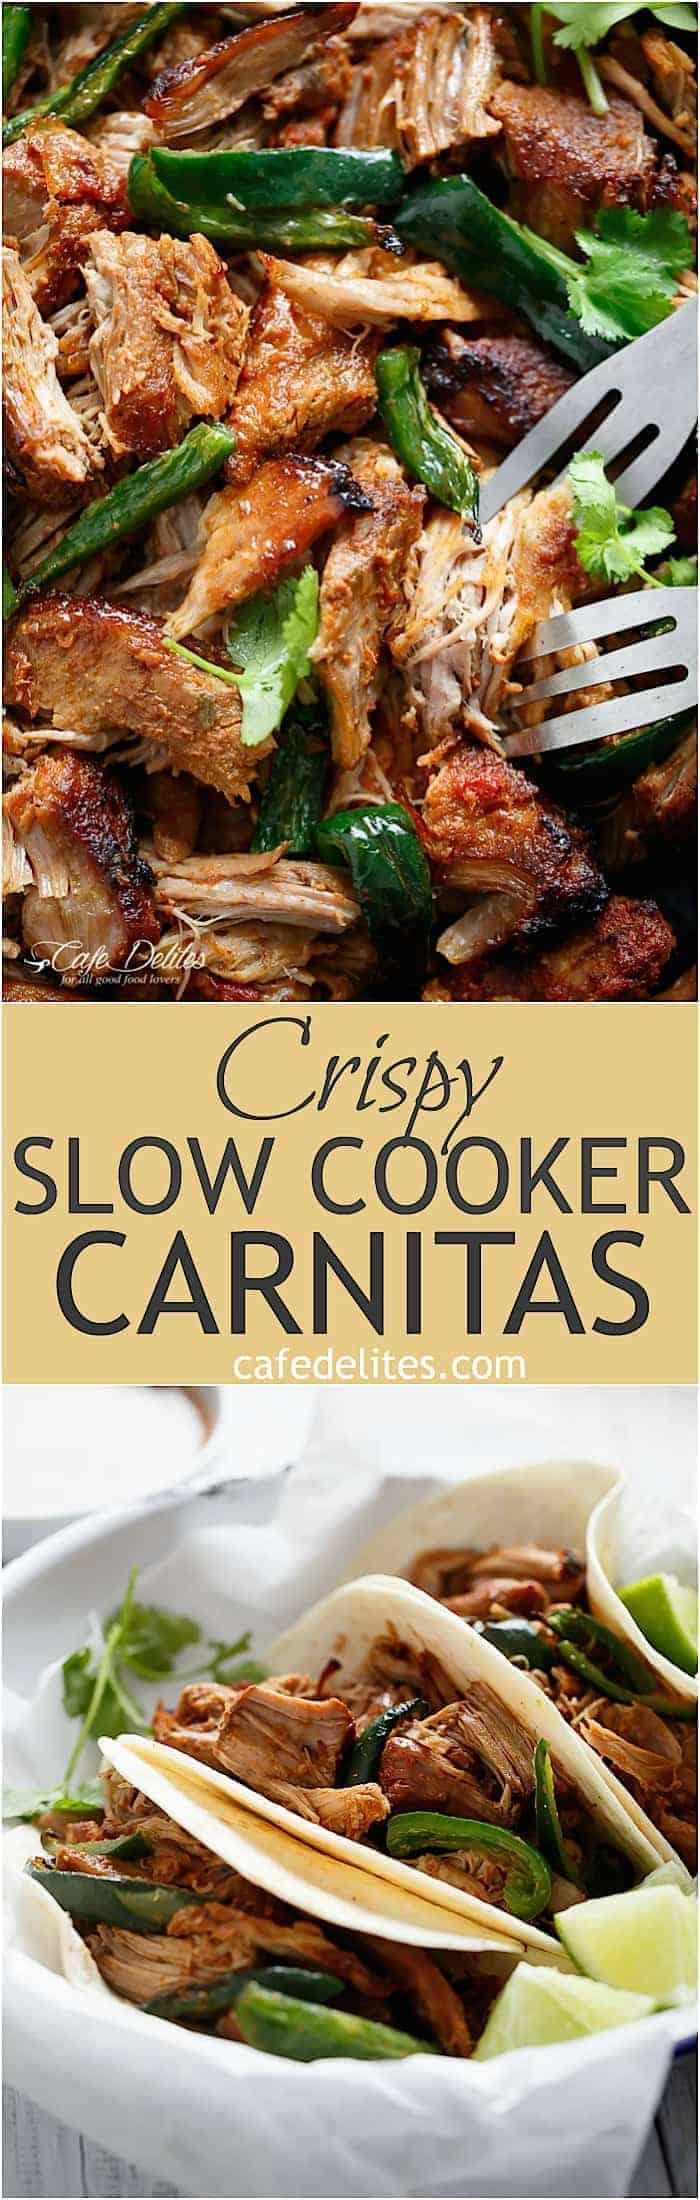 Crispy Slow Cooker Carnitas | https://cafedelites.com